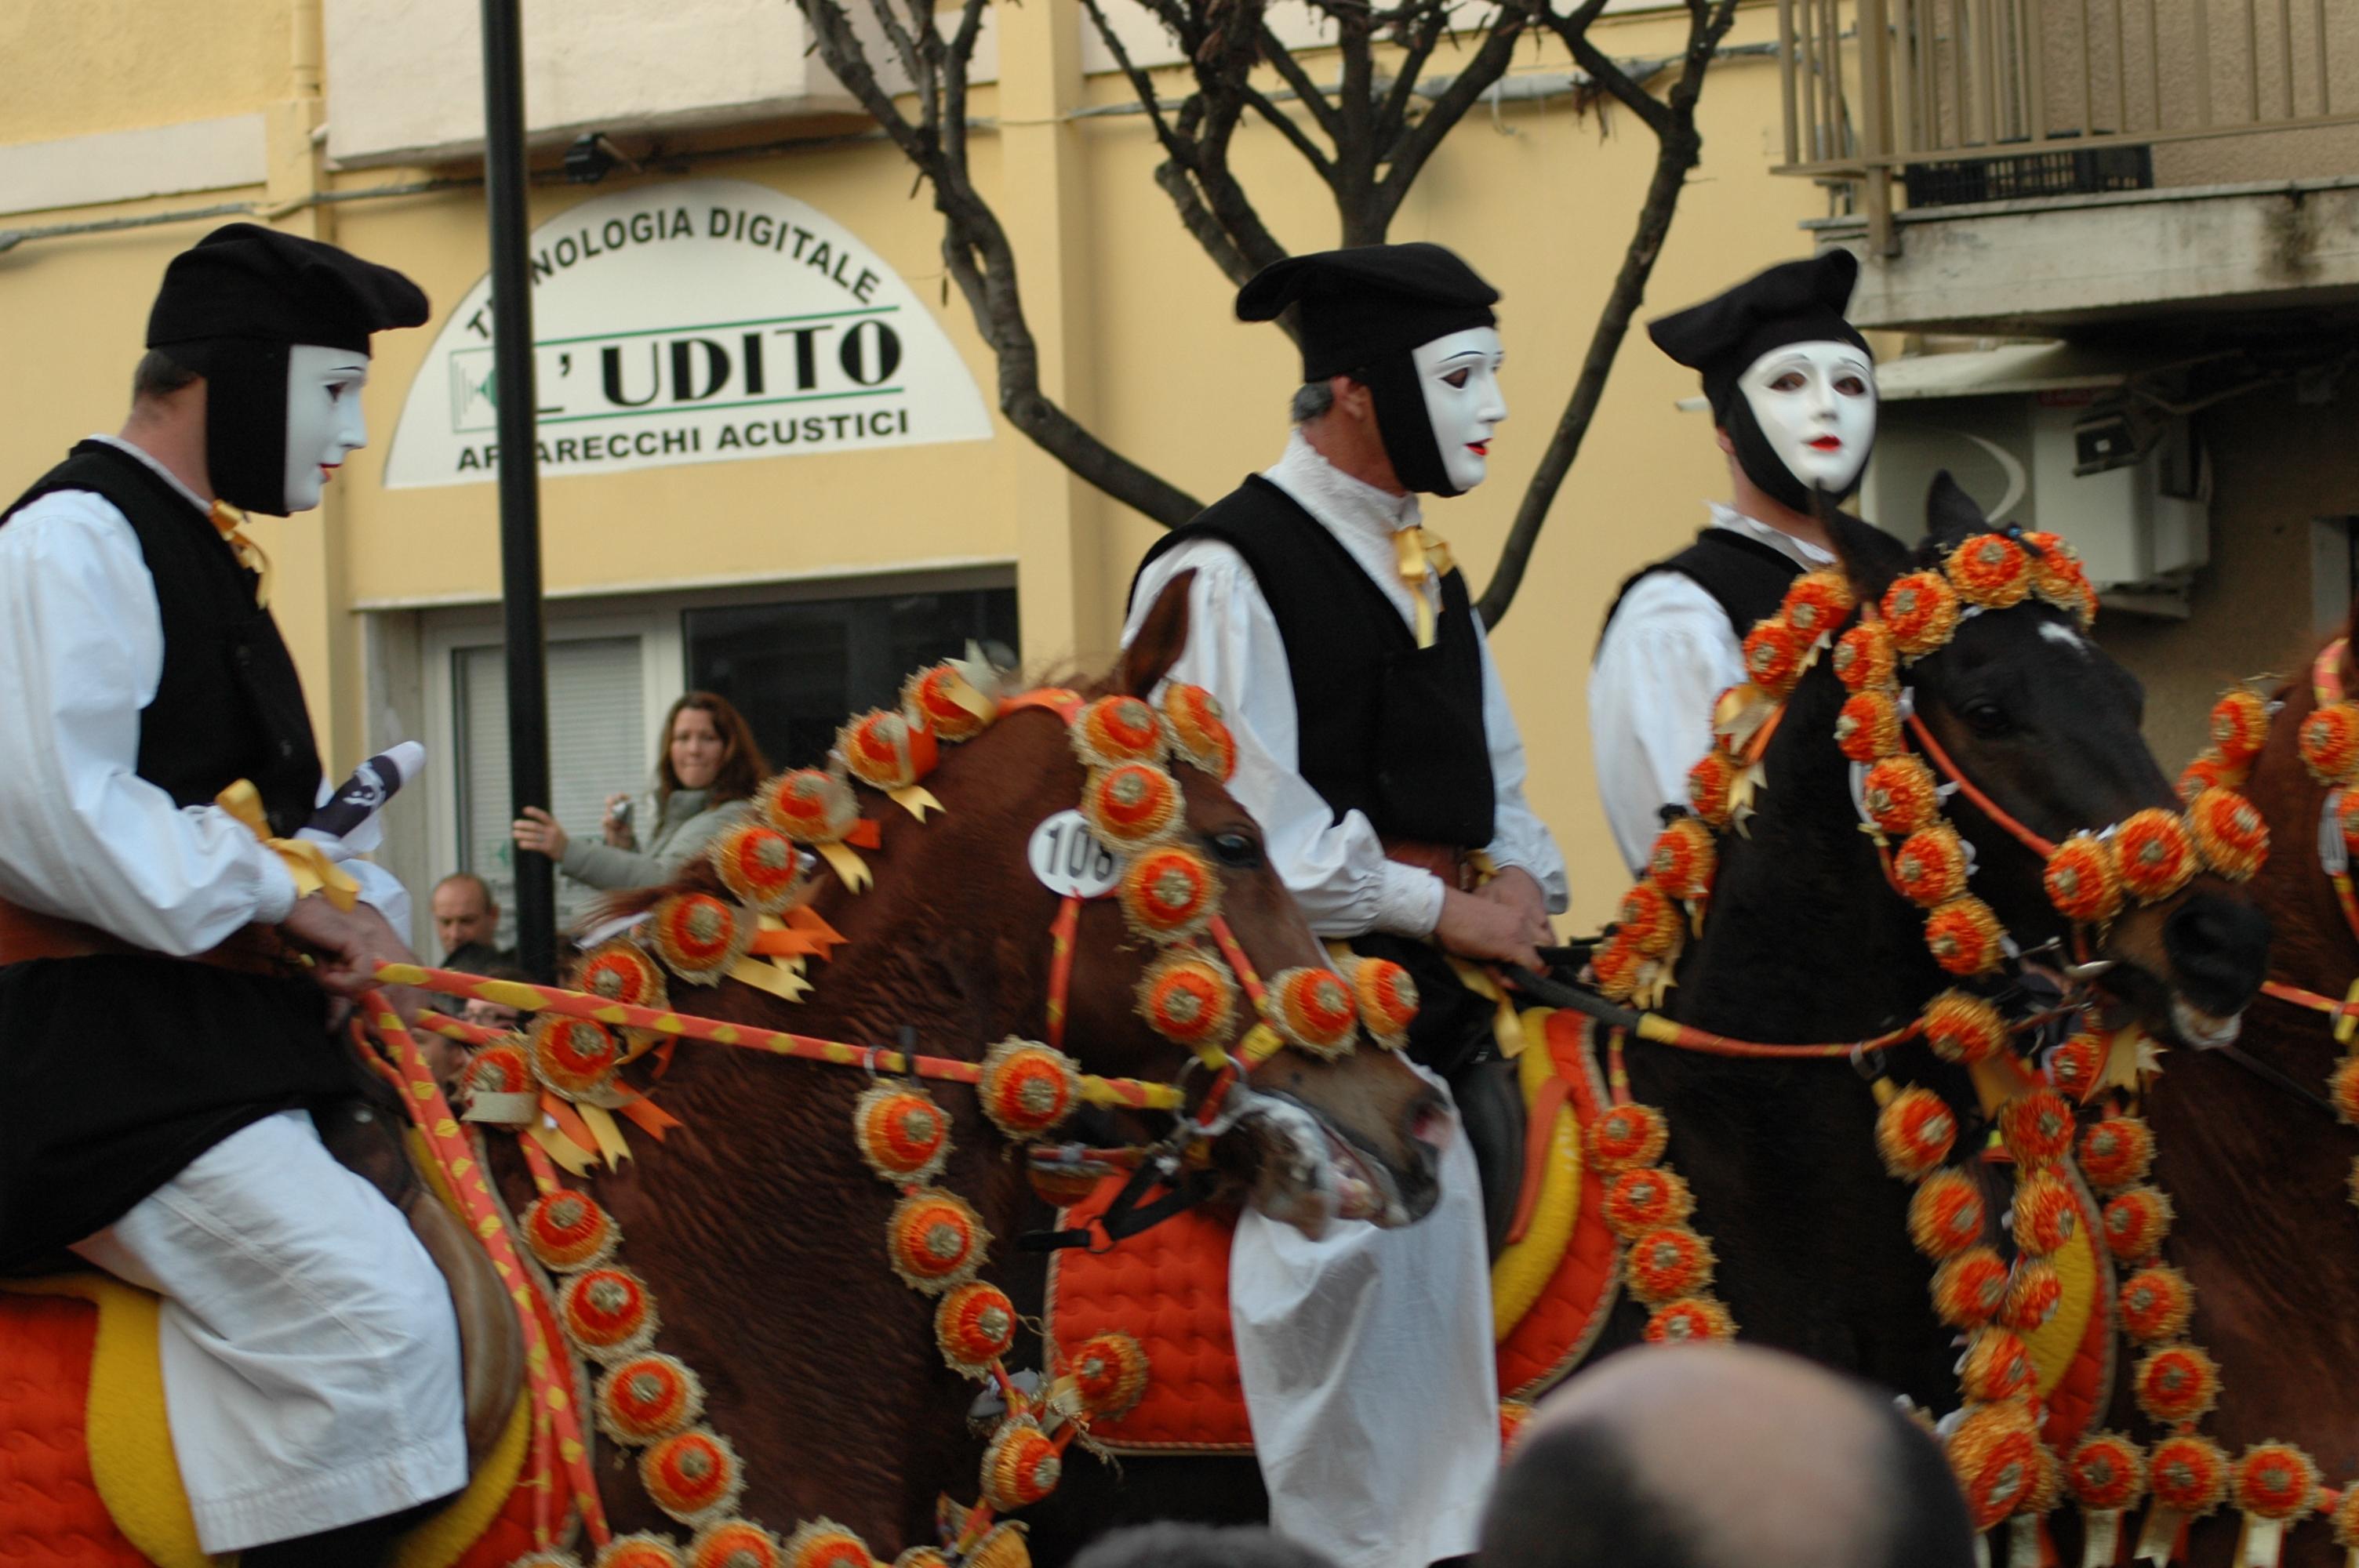 Carnevale Oristano 2020: